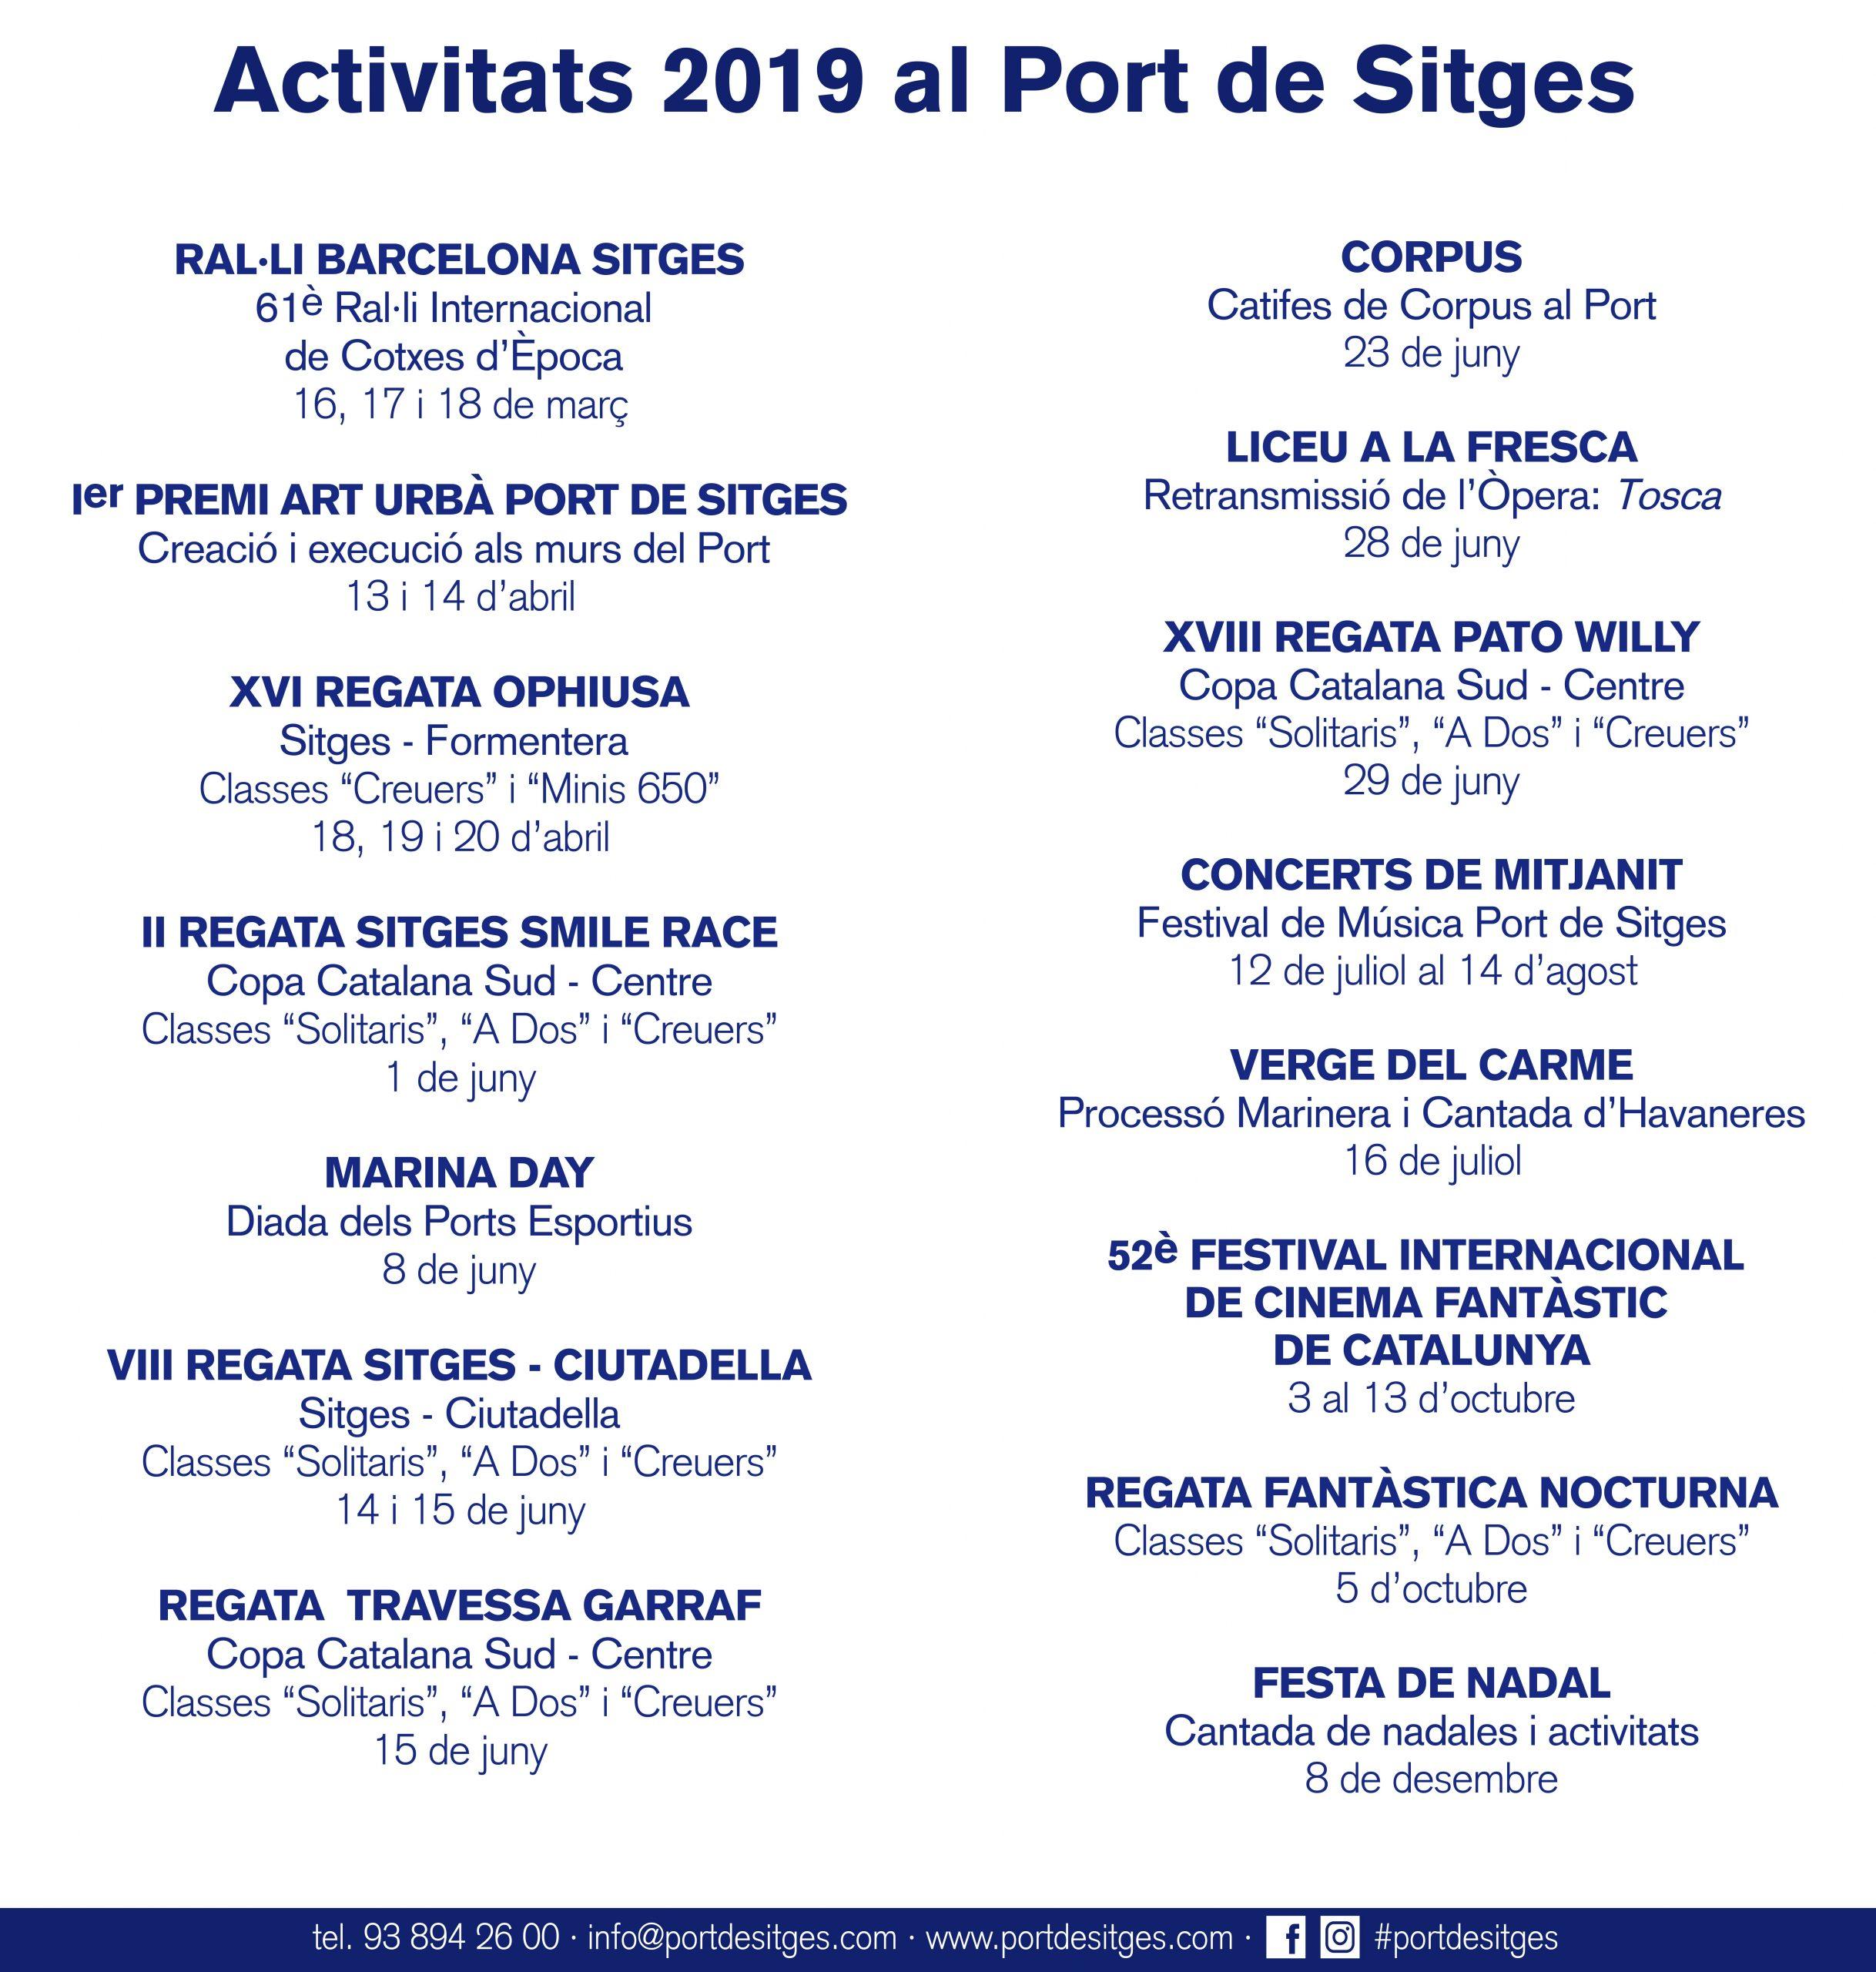 Calendari d'activitats del Port de Sitges aquest 2019